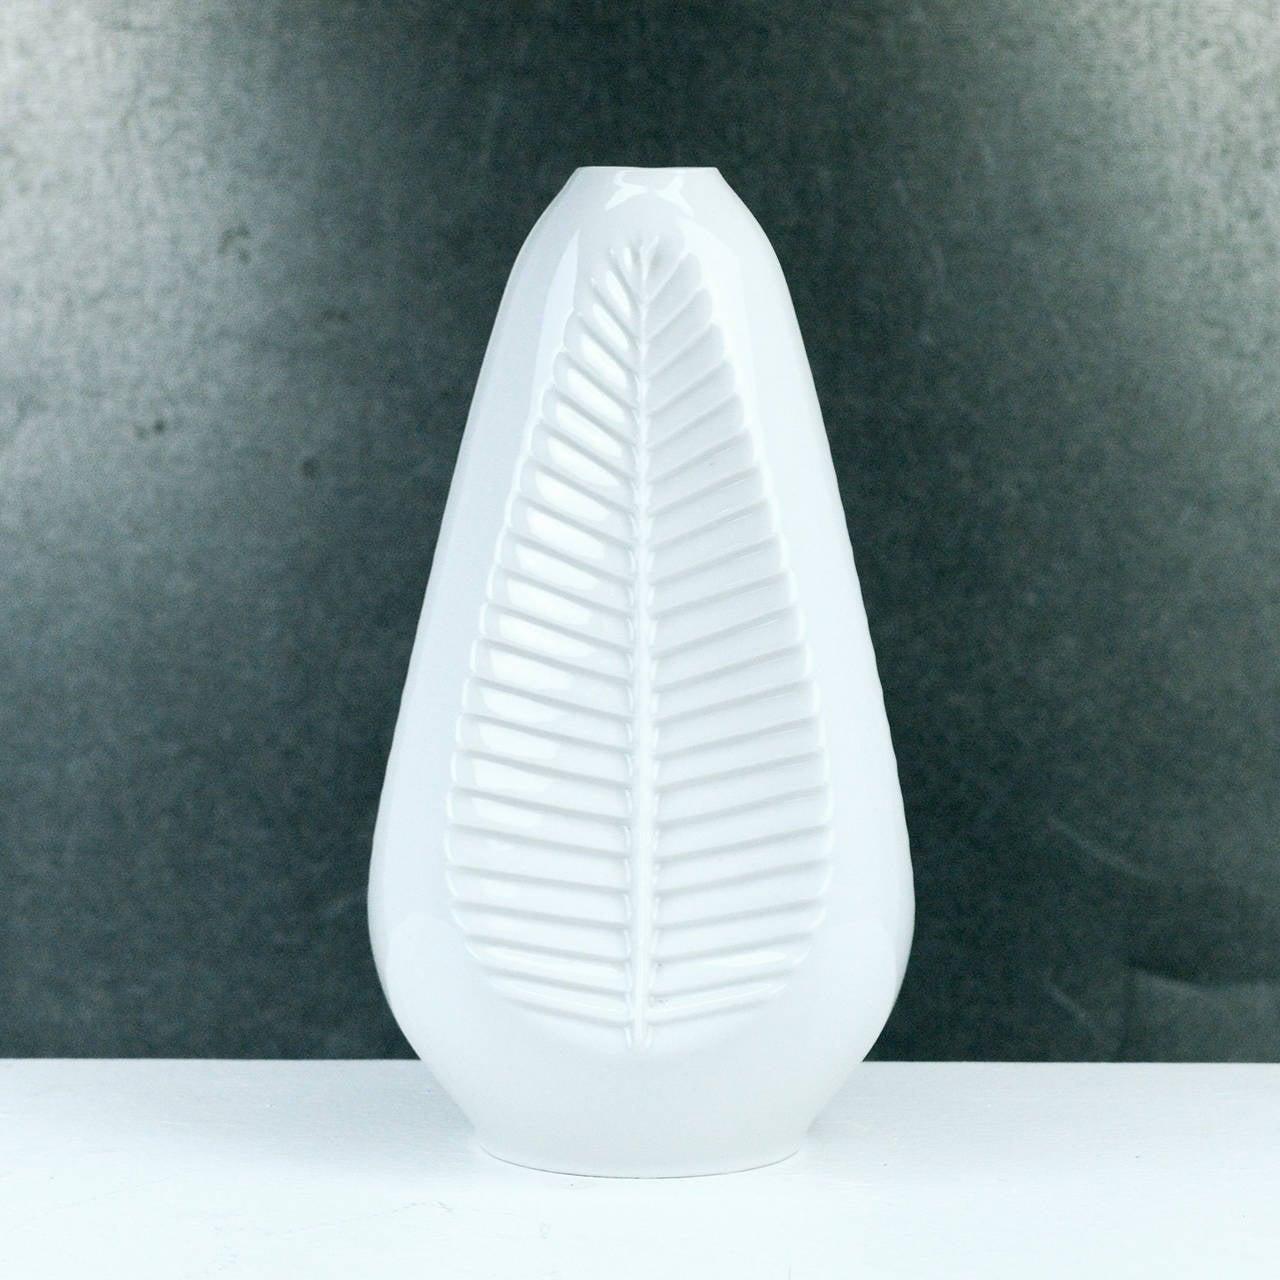 Edelstein Bavaria Vase For Sale at 1stdibs